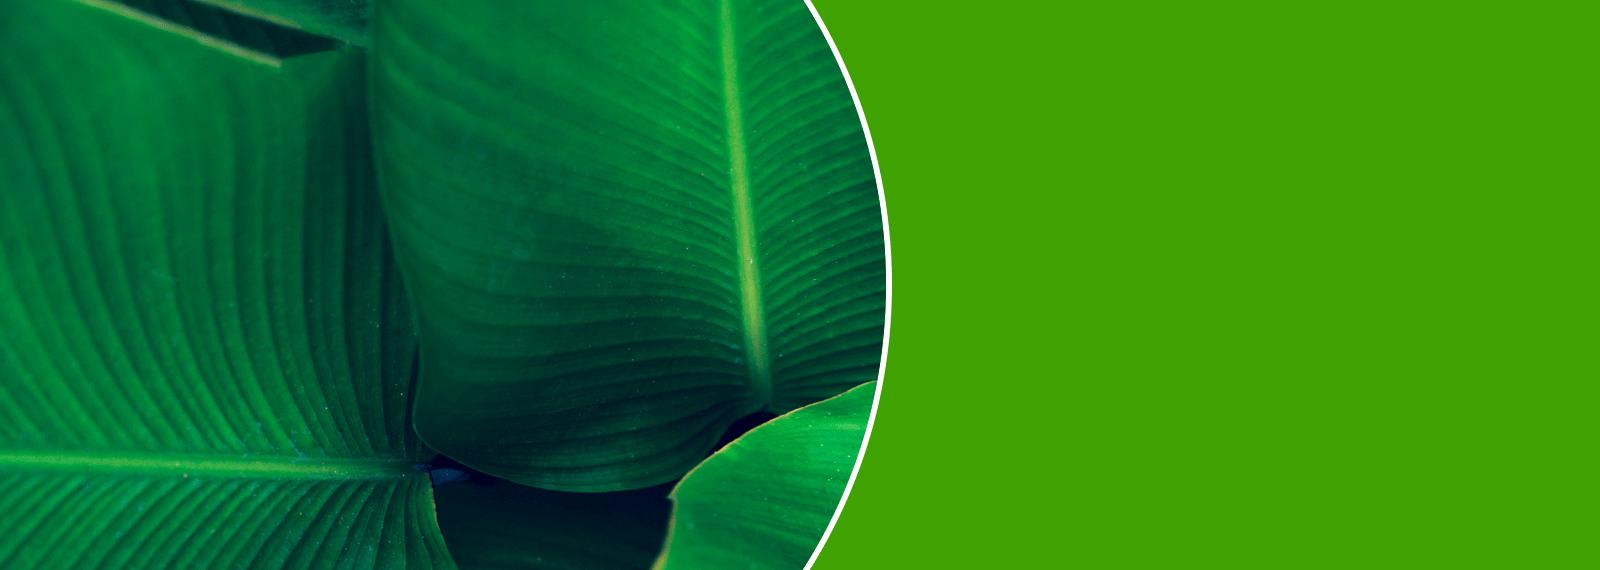 EnergyGO - Energía 100% verde a precio de amigo